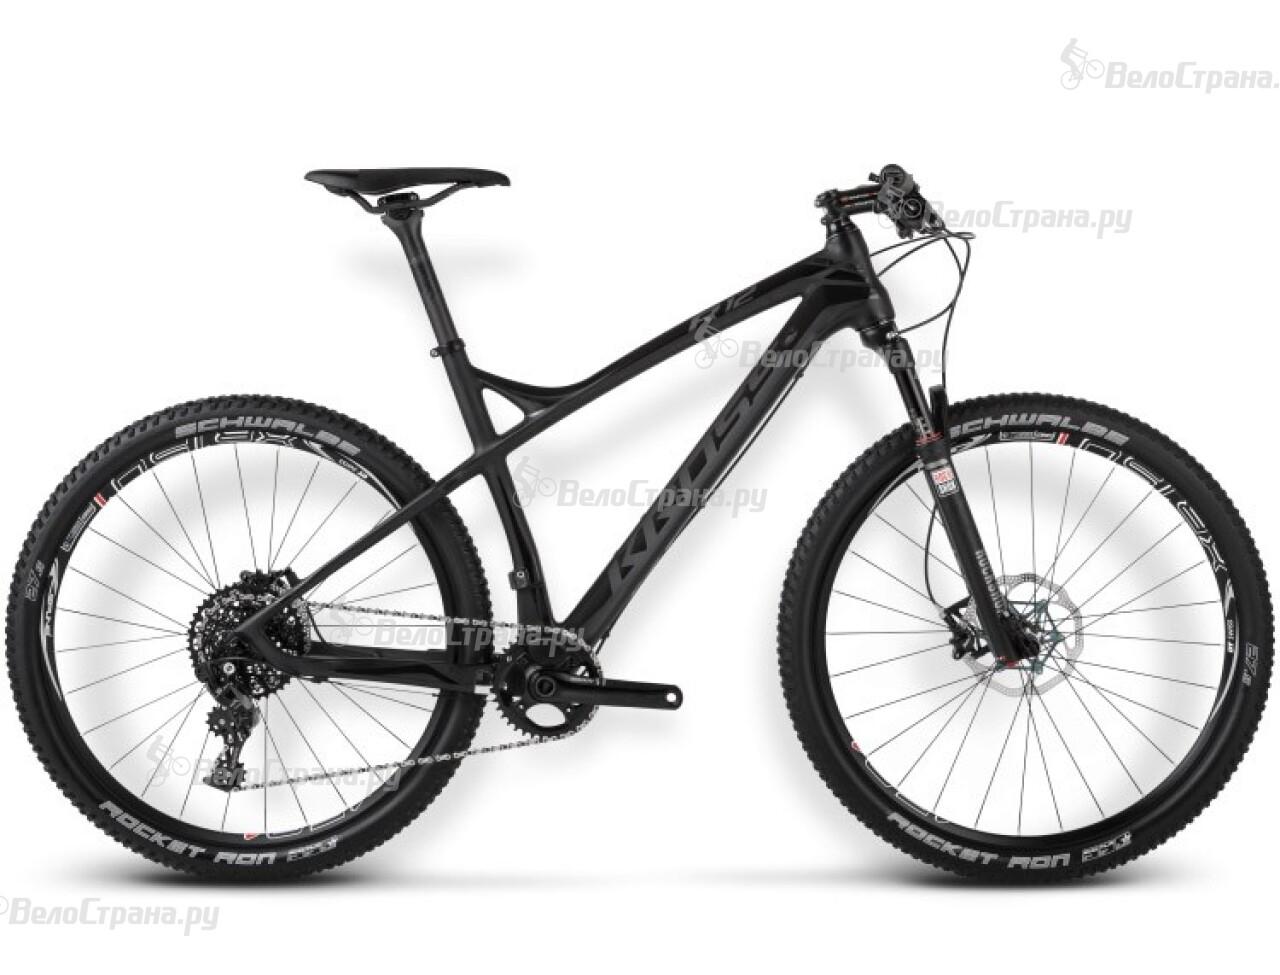 Велосипед Kross Level R12 (2015) 155 80 r12